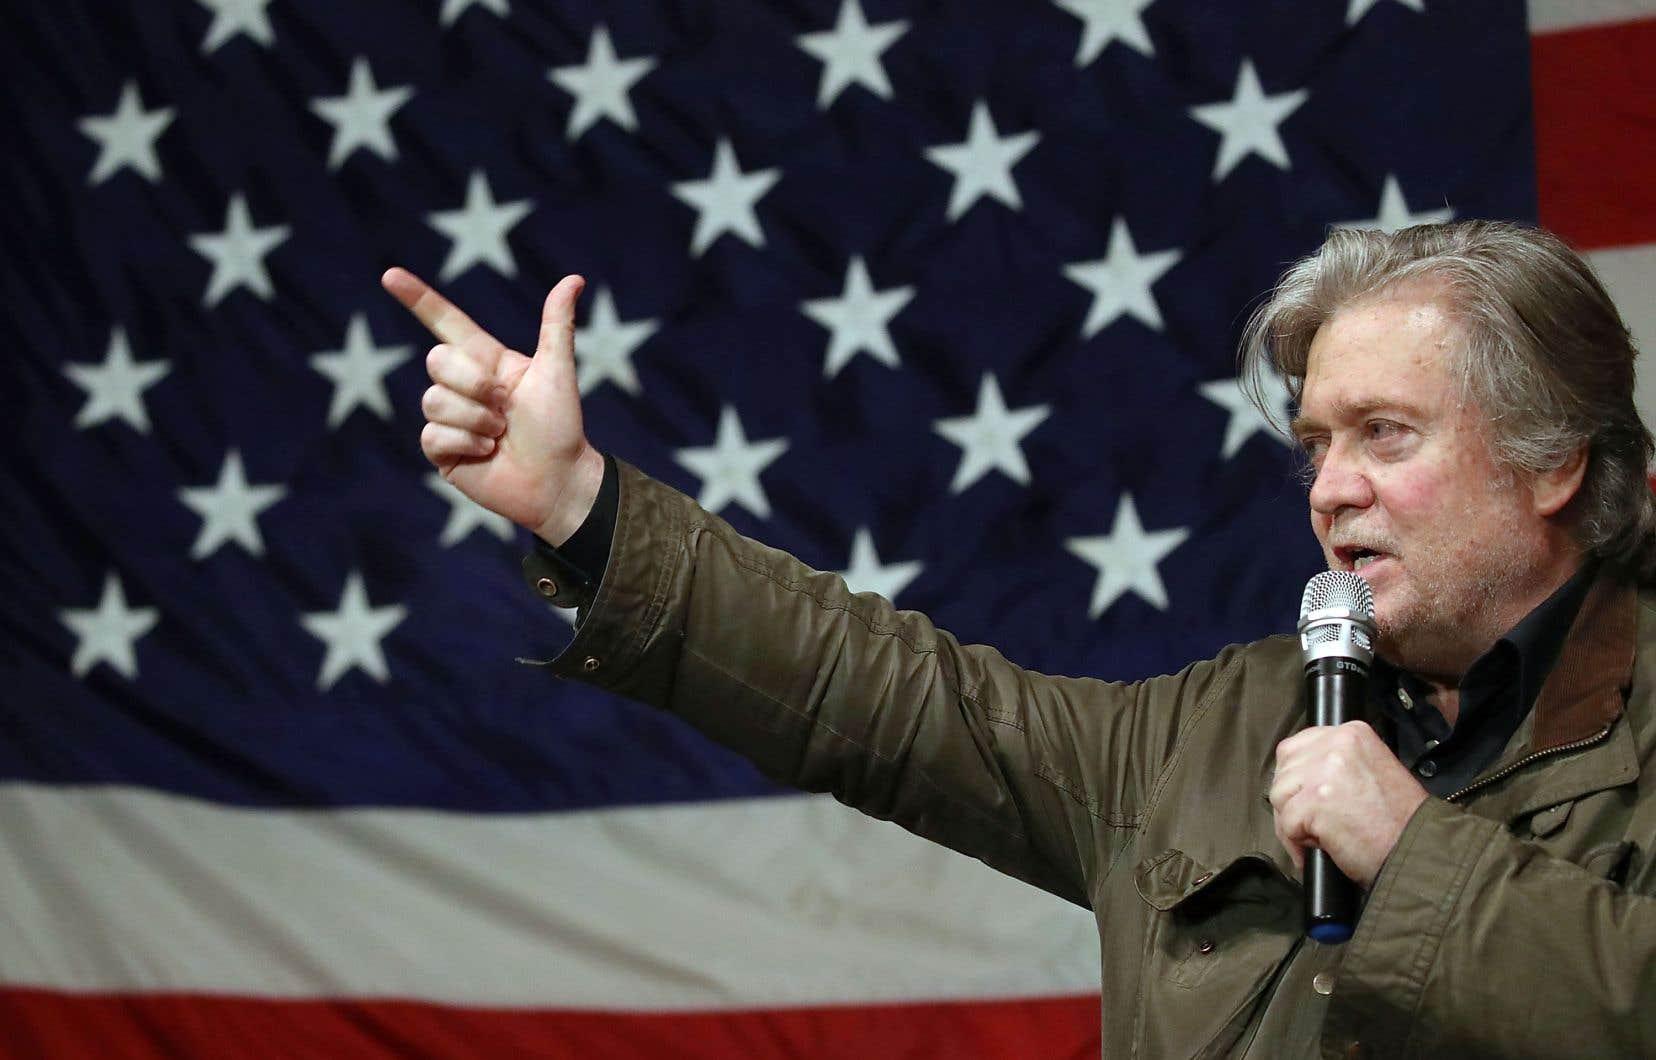 Steve Bannon lors d'un rassemblement républicain en décembre 2017. Selon lui, ainsi cité dans le livre à paraître de Michael Wolff, la rencontre de proches de Donald Trump avec une avocate russe pendant la campagne présidentielle relevait de la «trahison».